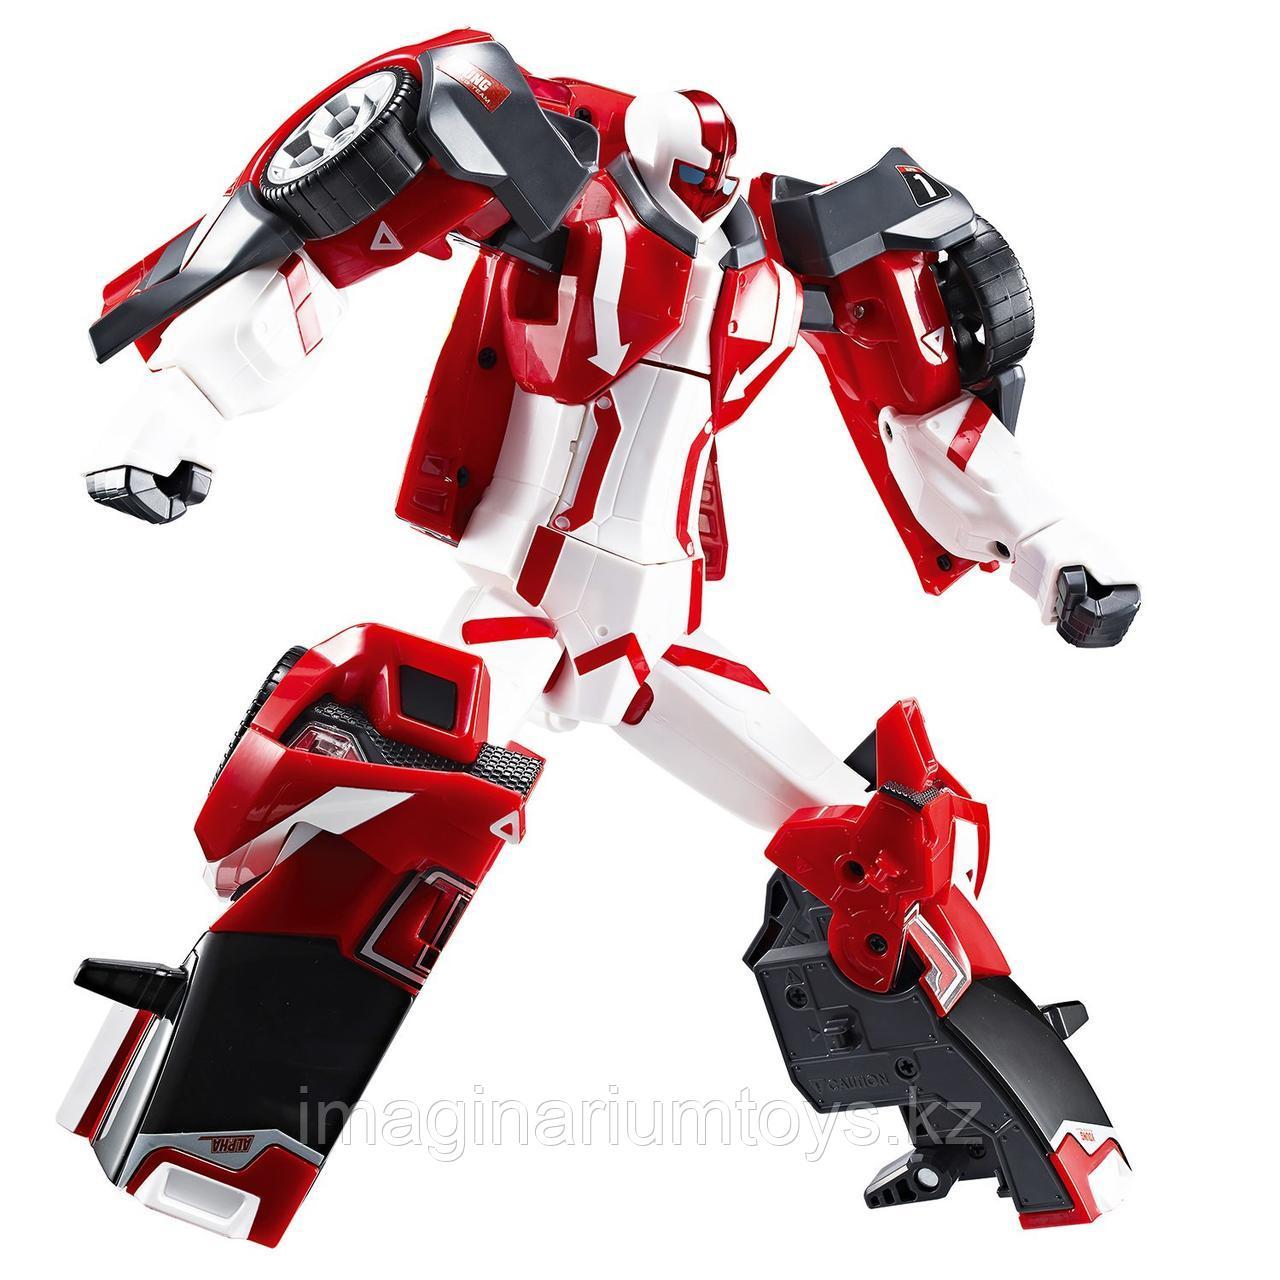 Большой Тобот Атлон Альфа S1  робот трансформер